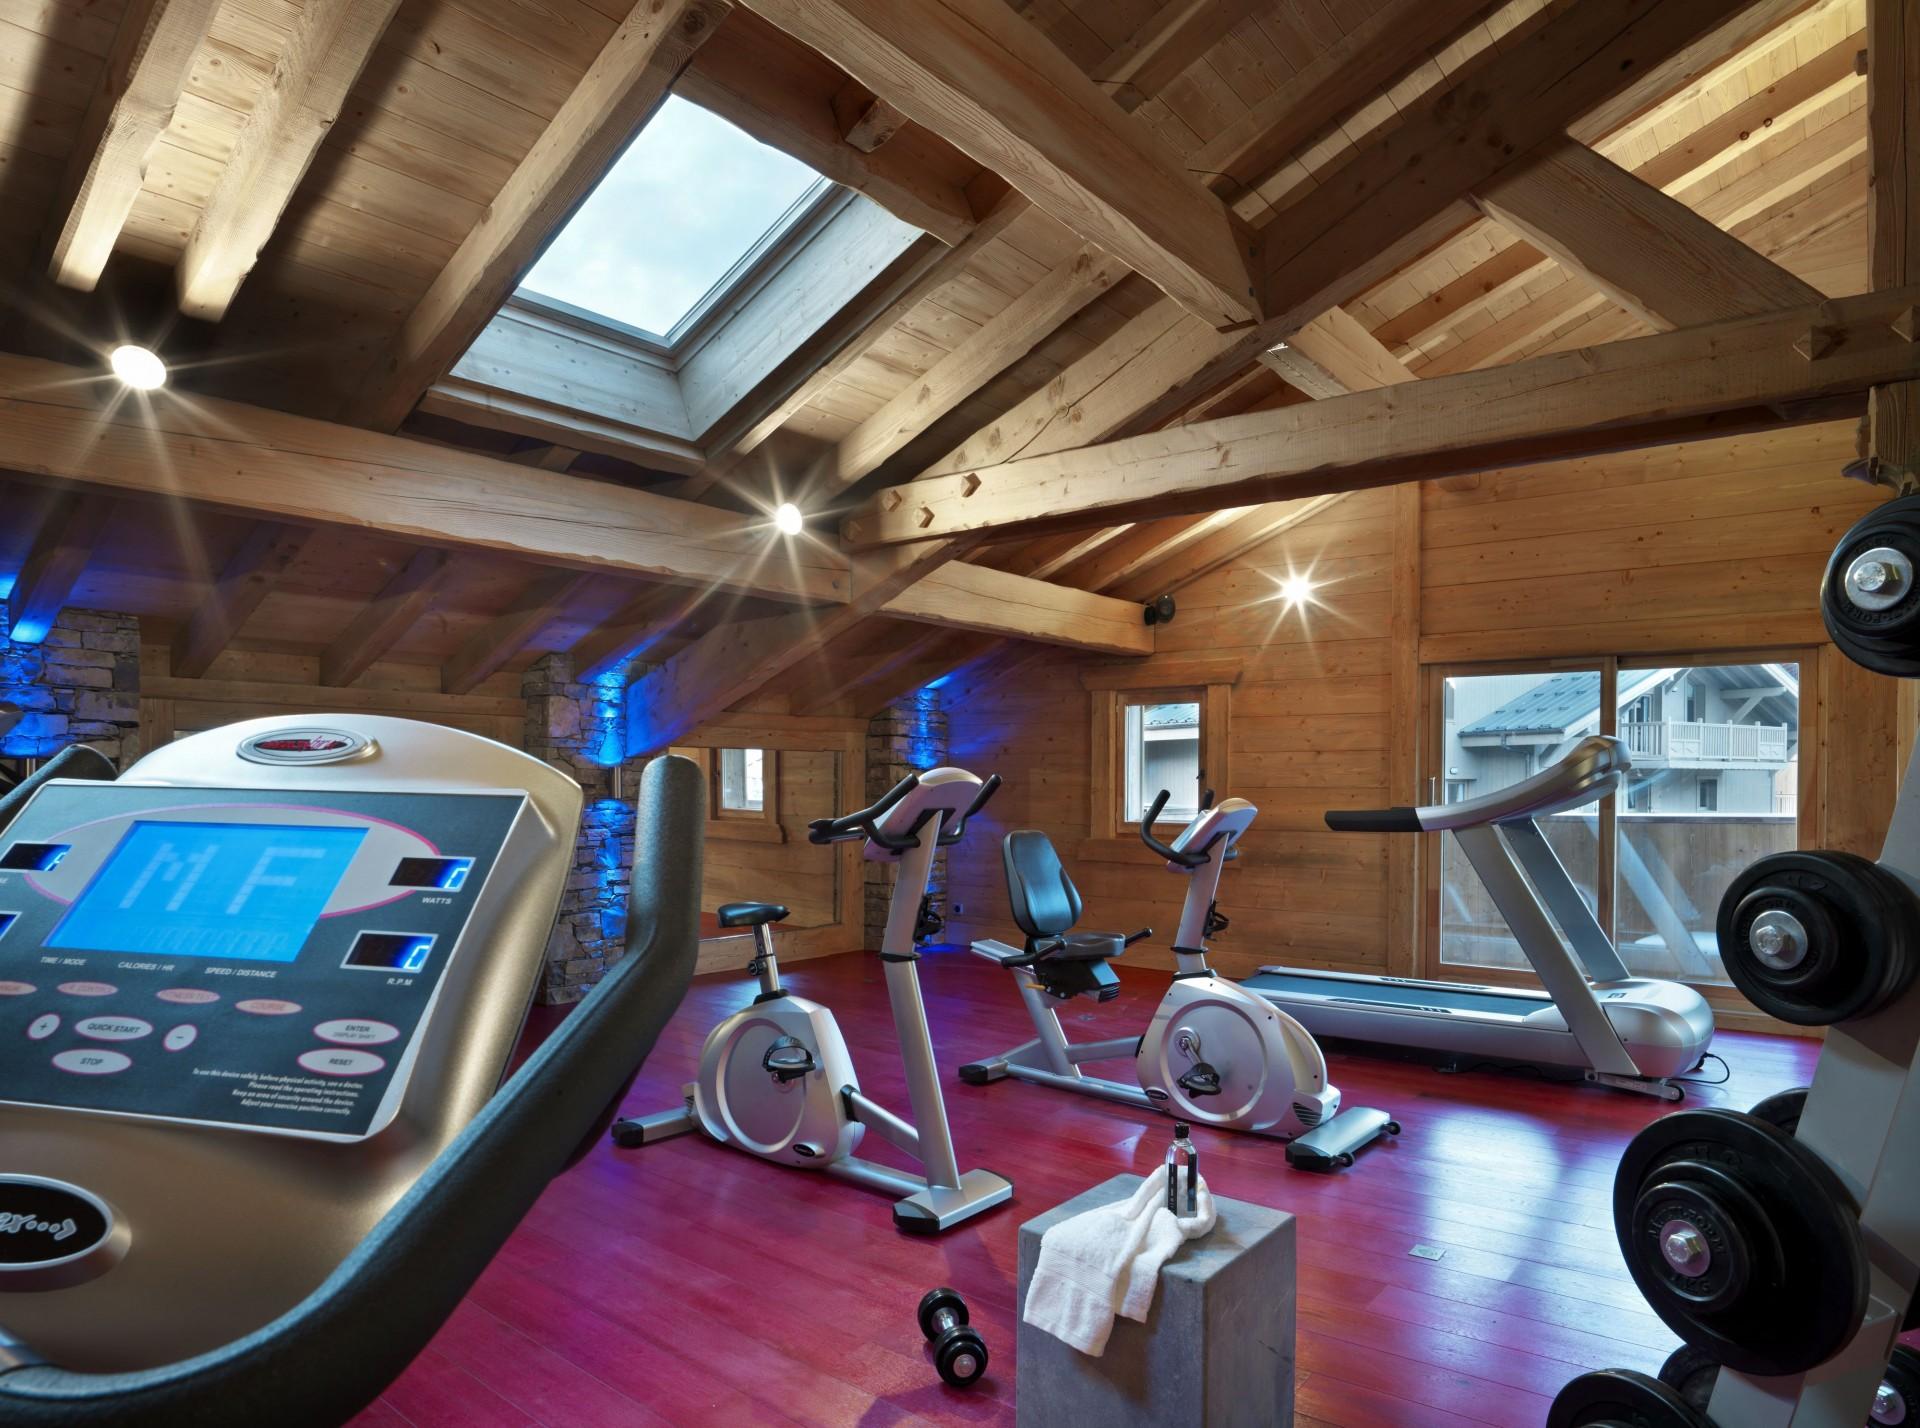 Samoens Location Appartement Luxe Salis Salle De Fitness